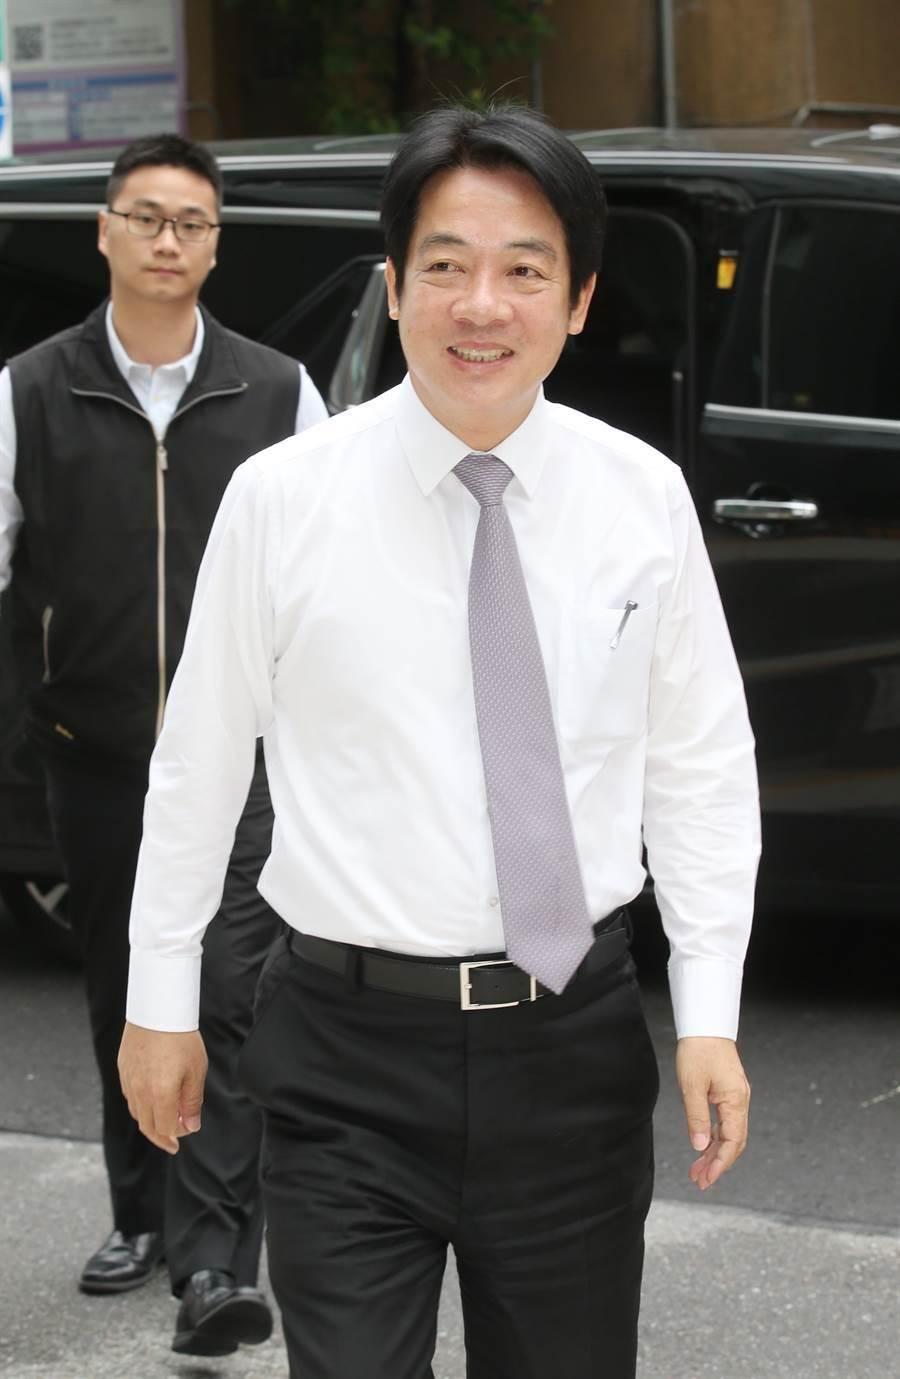 前行政院長賴清德3日接受Hit fm台北之音「周玉蔻嗆新聞」專訪 。(姚志平攝)